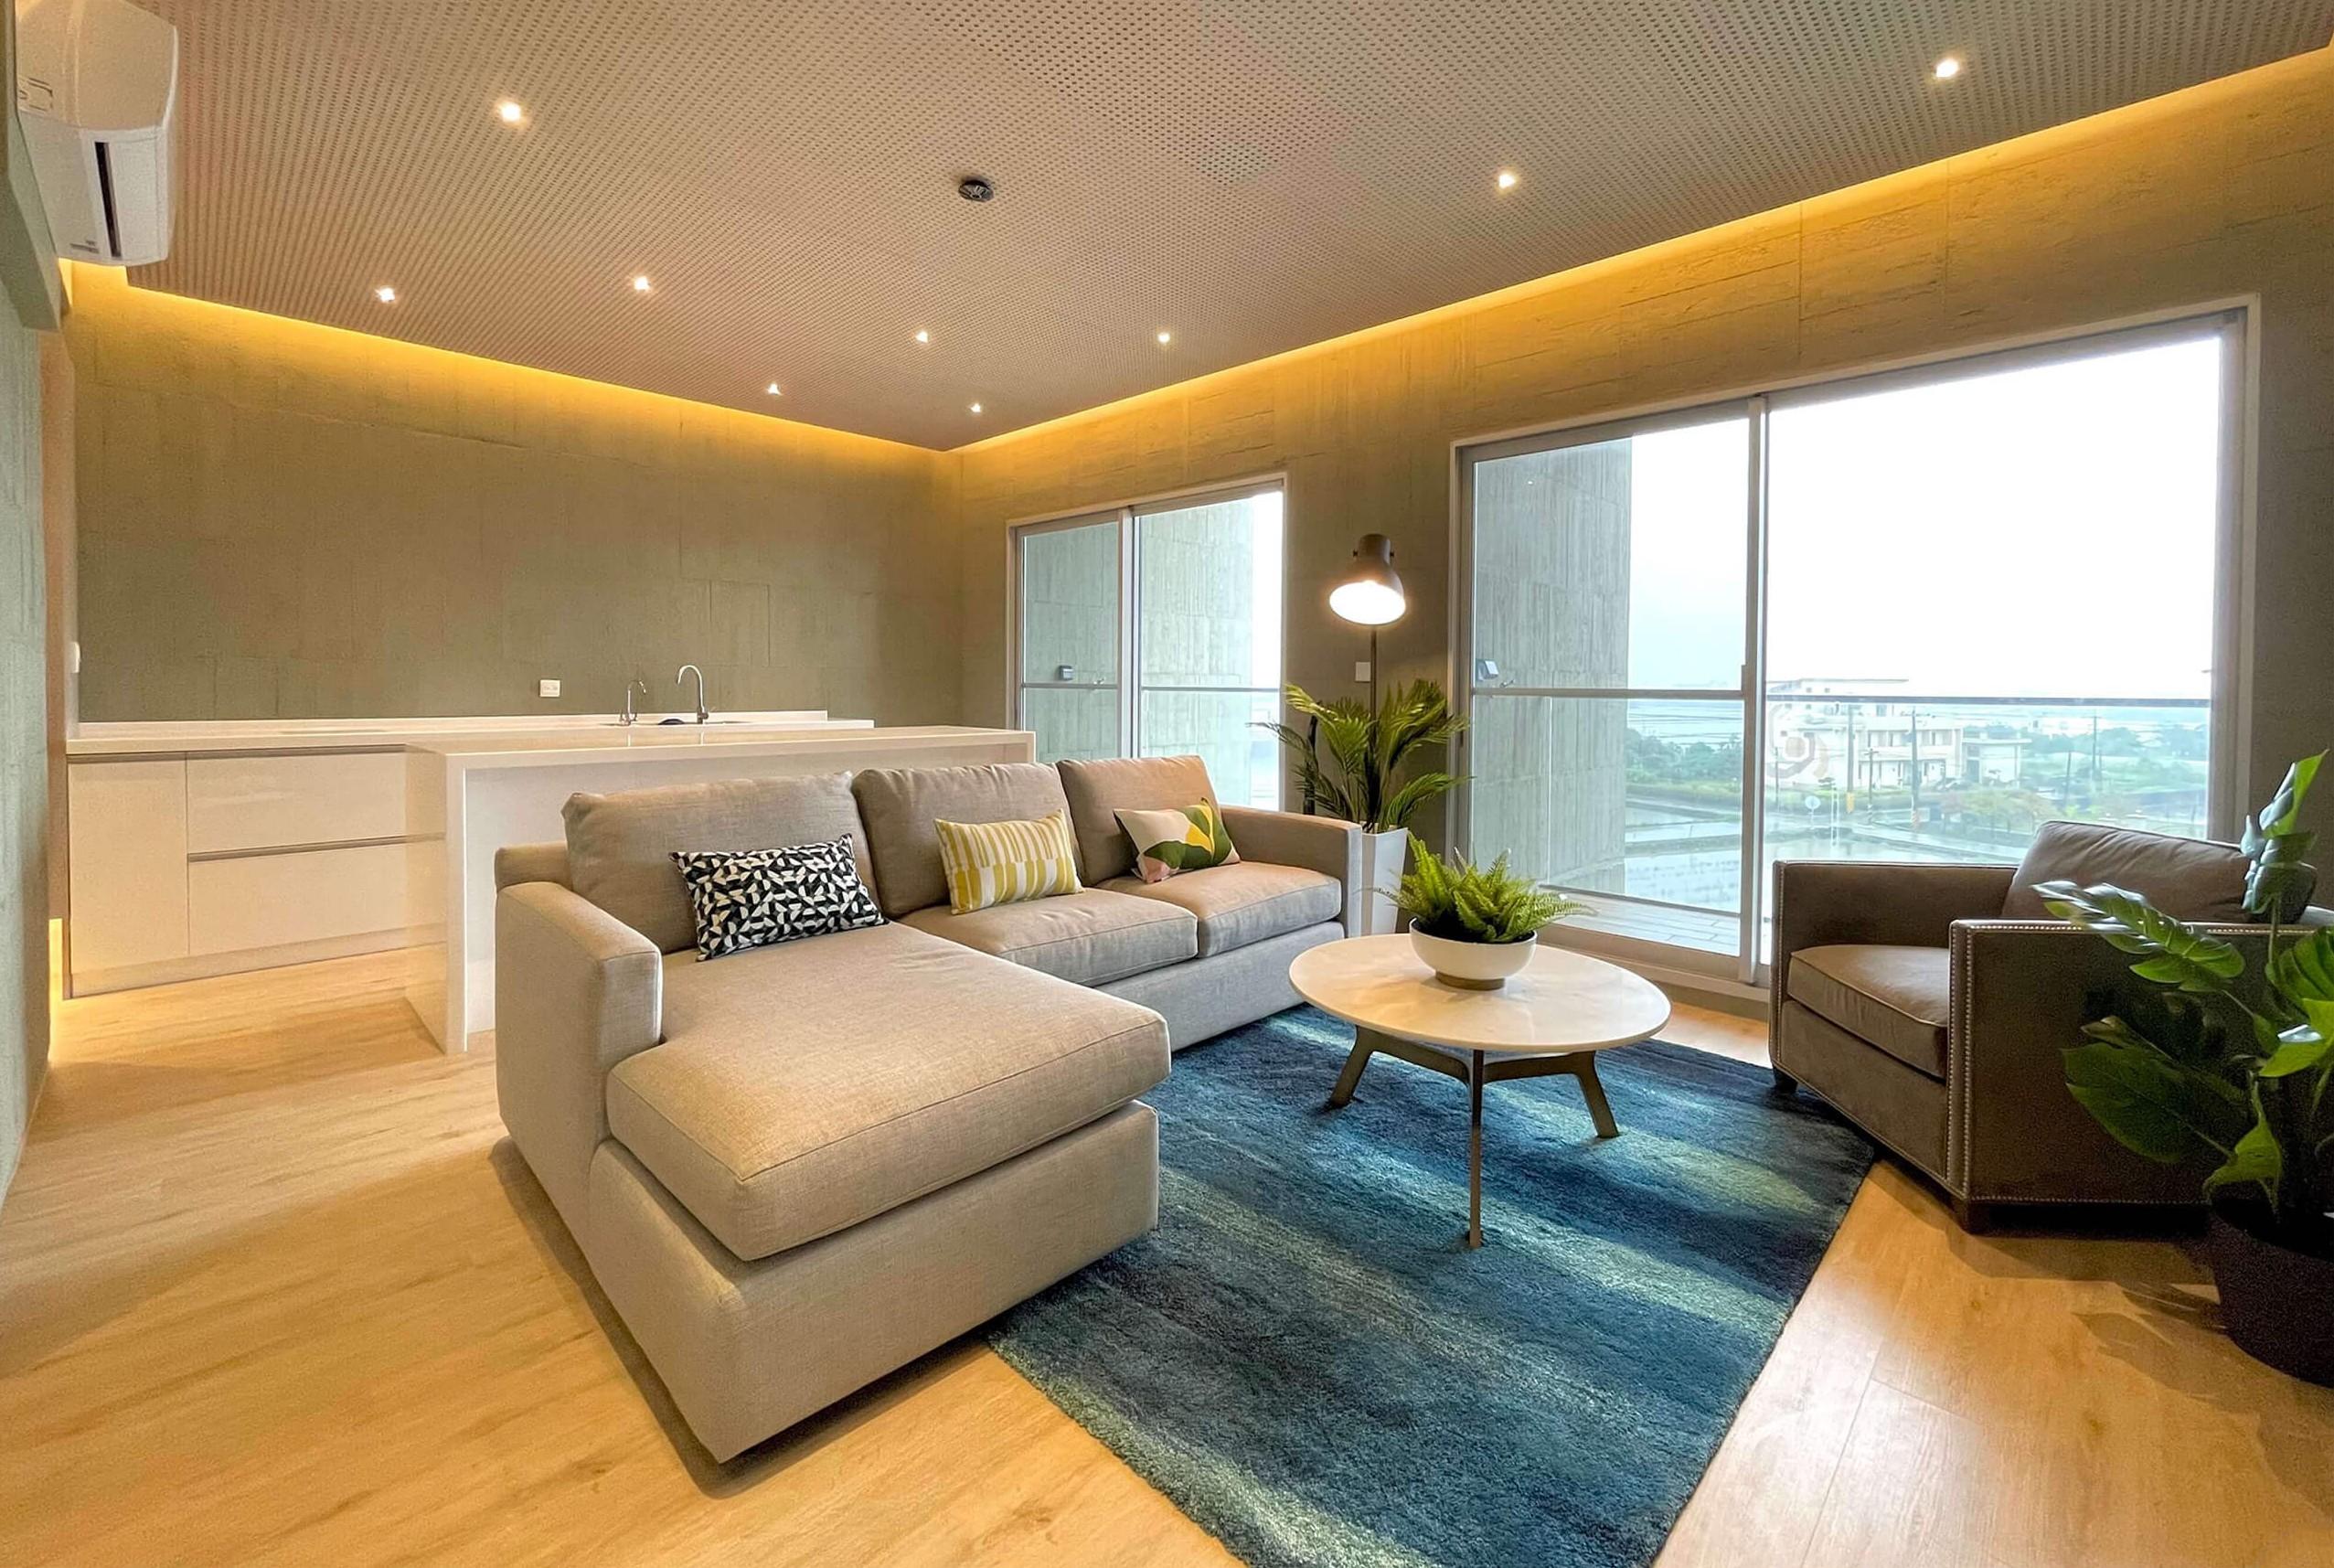 德築-DEZU-project-Zutian-architecture-real-estate-engineering-6